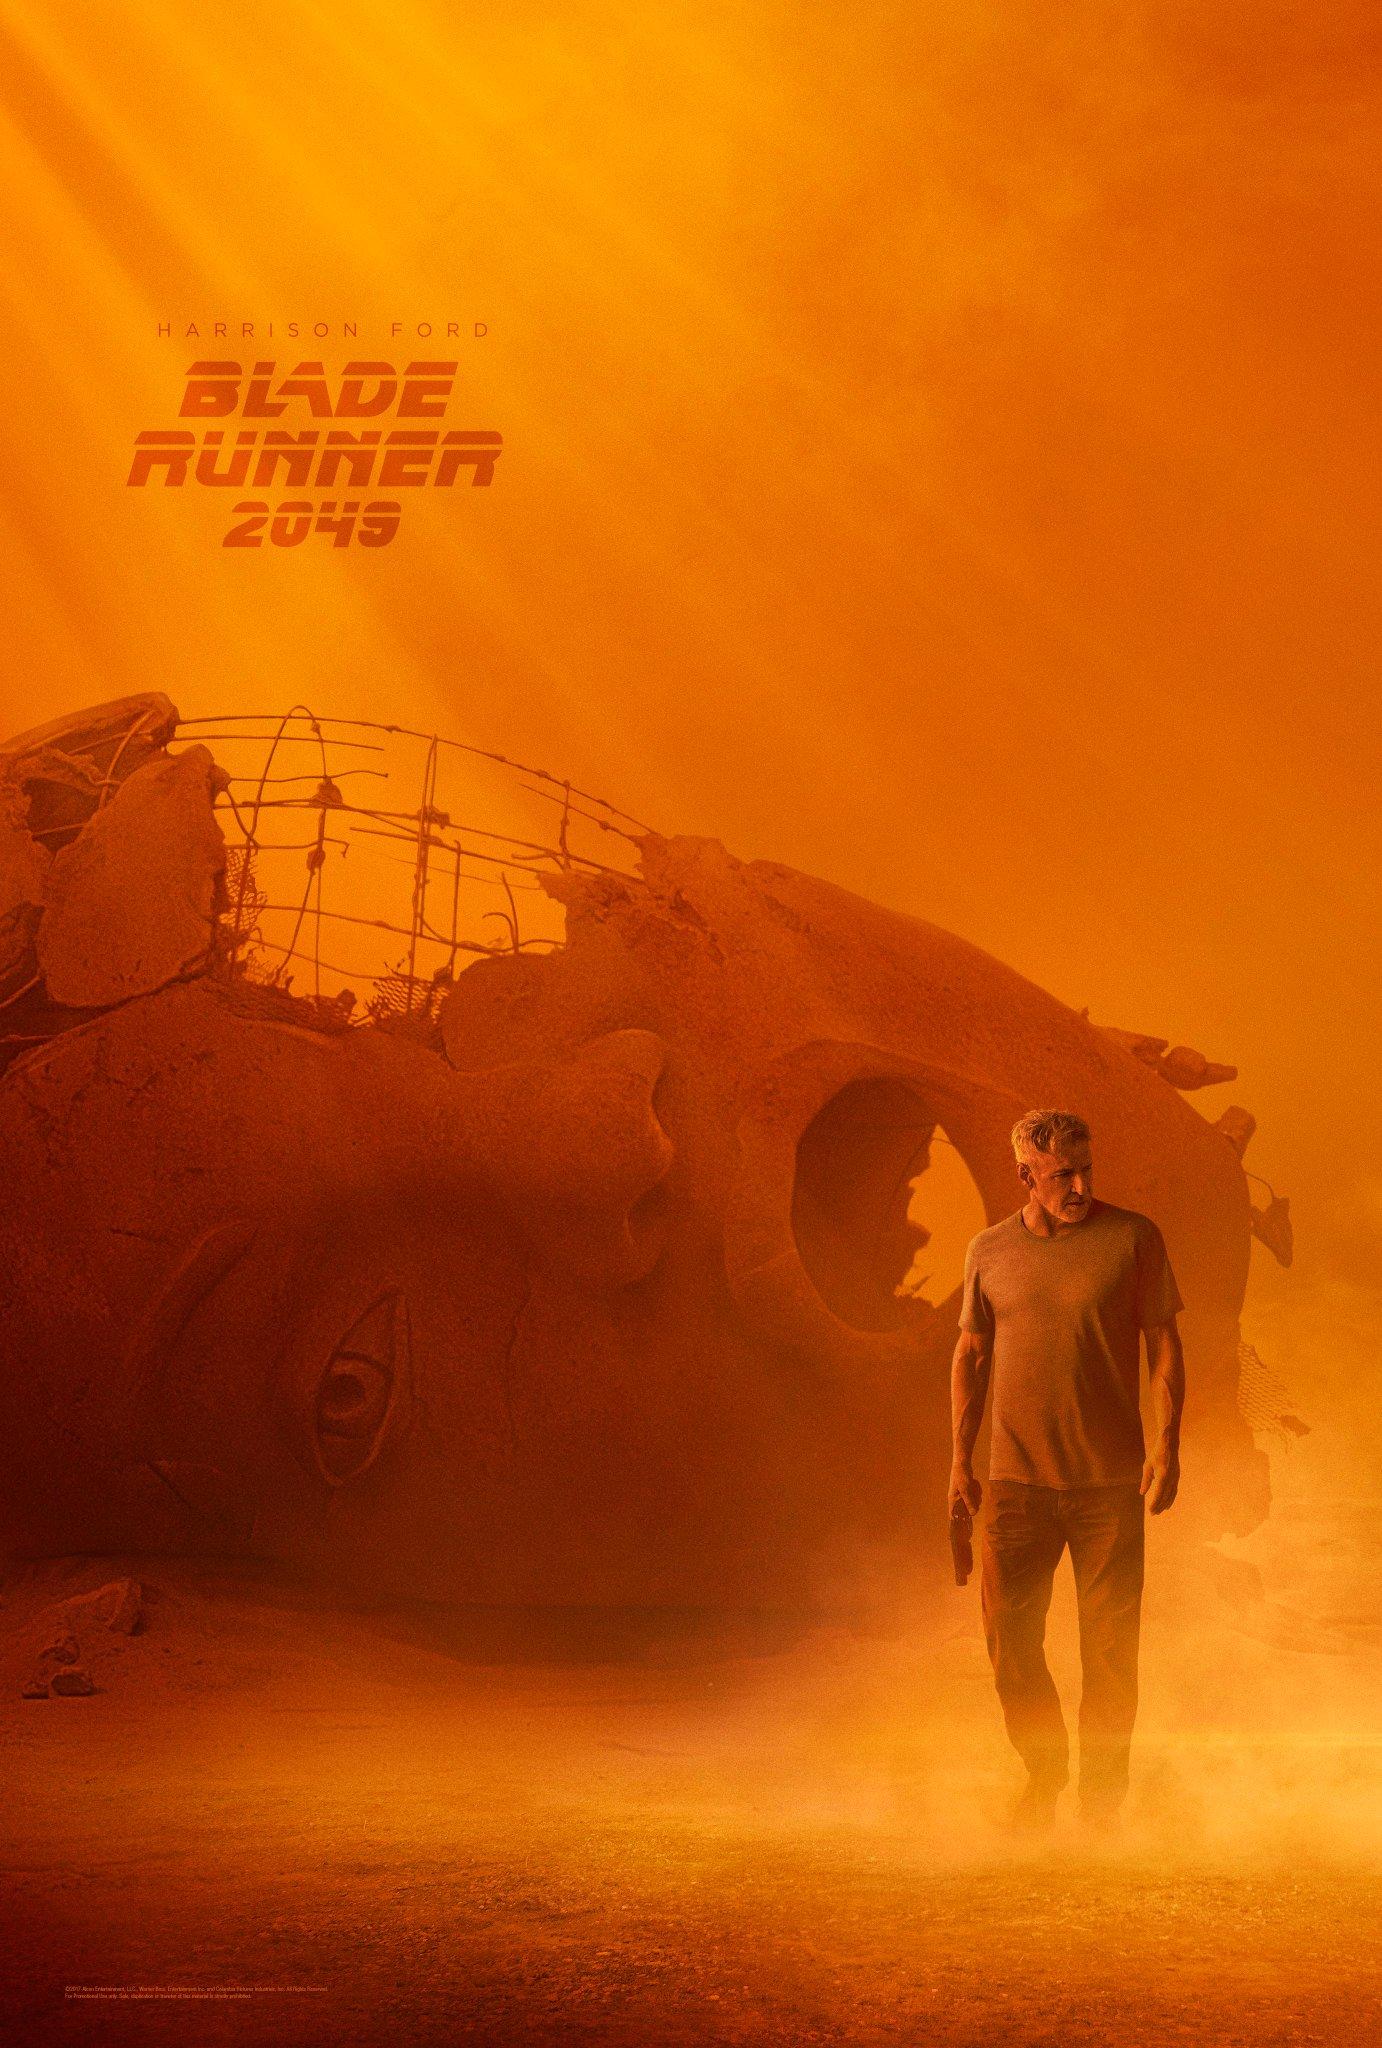 04052017_blade_runner_2049_poster_2